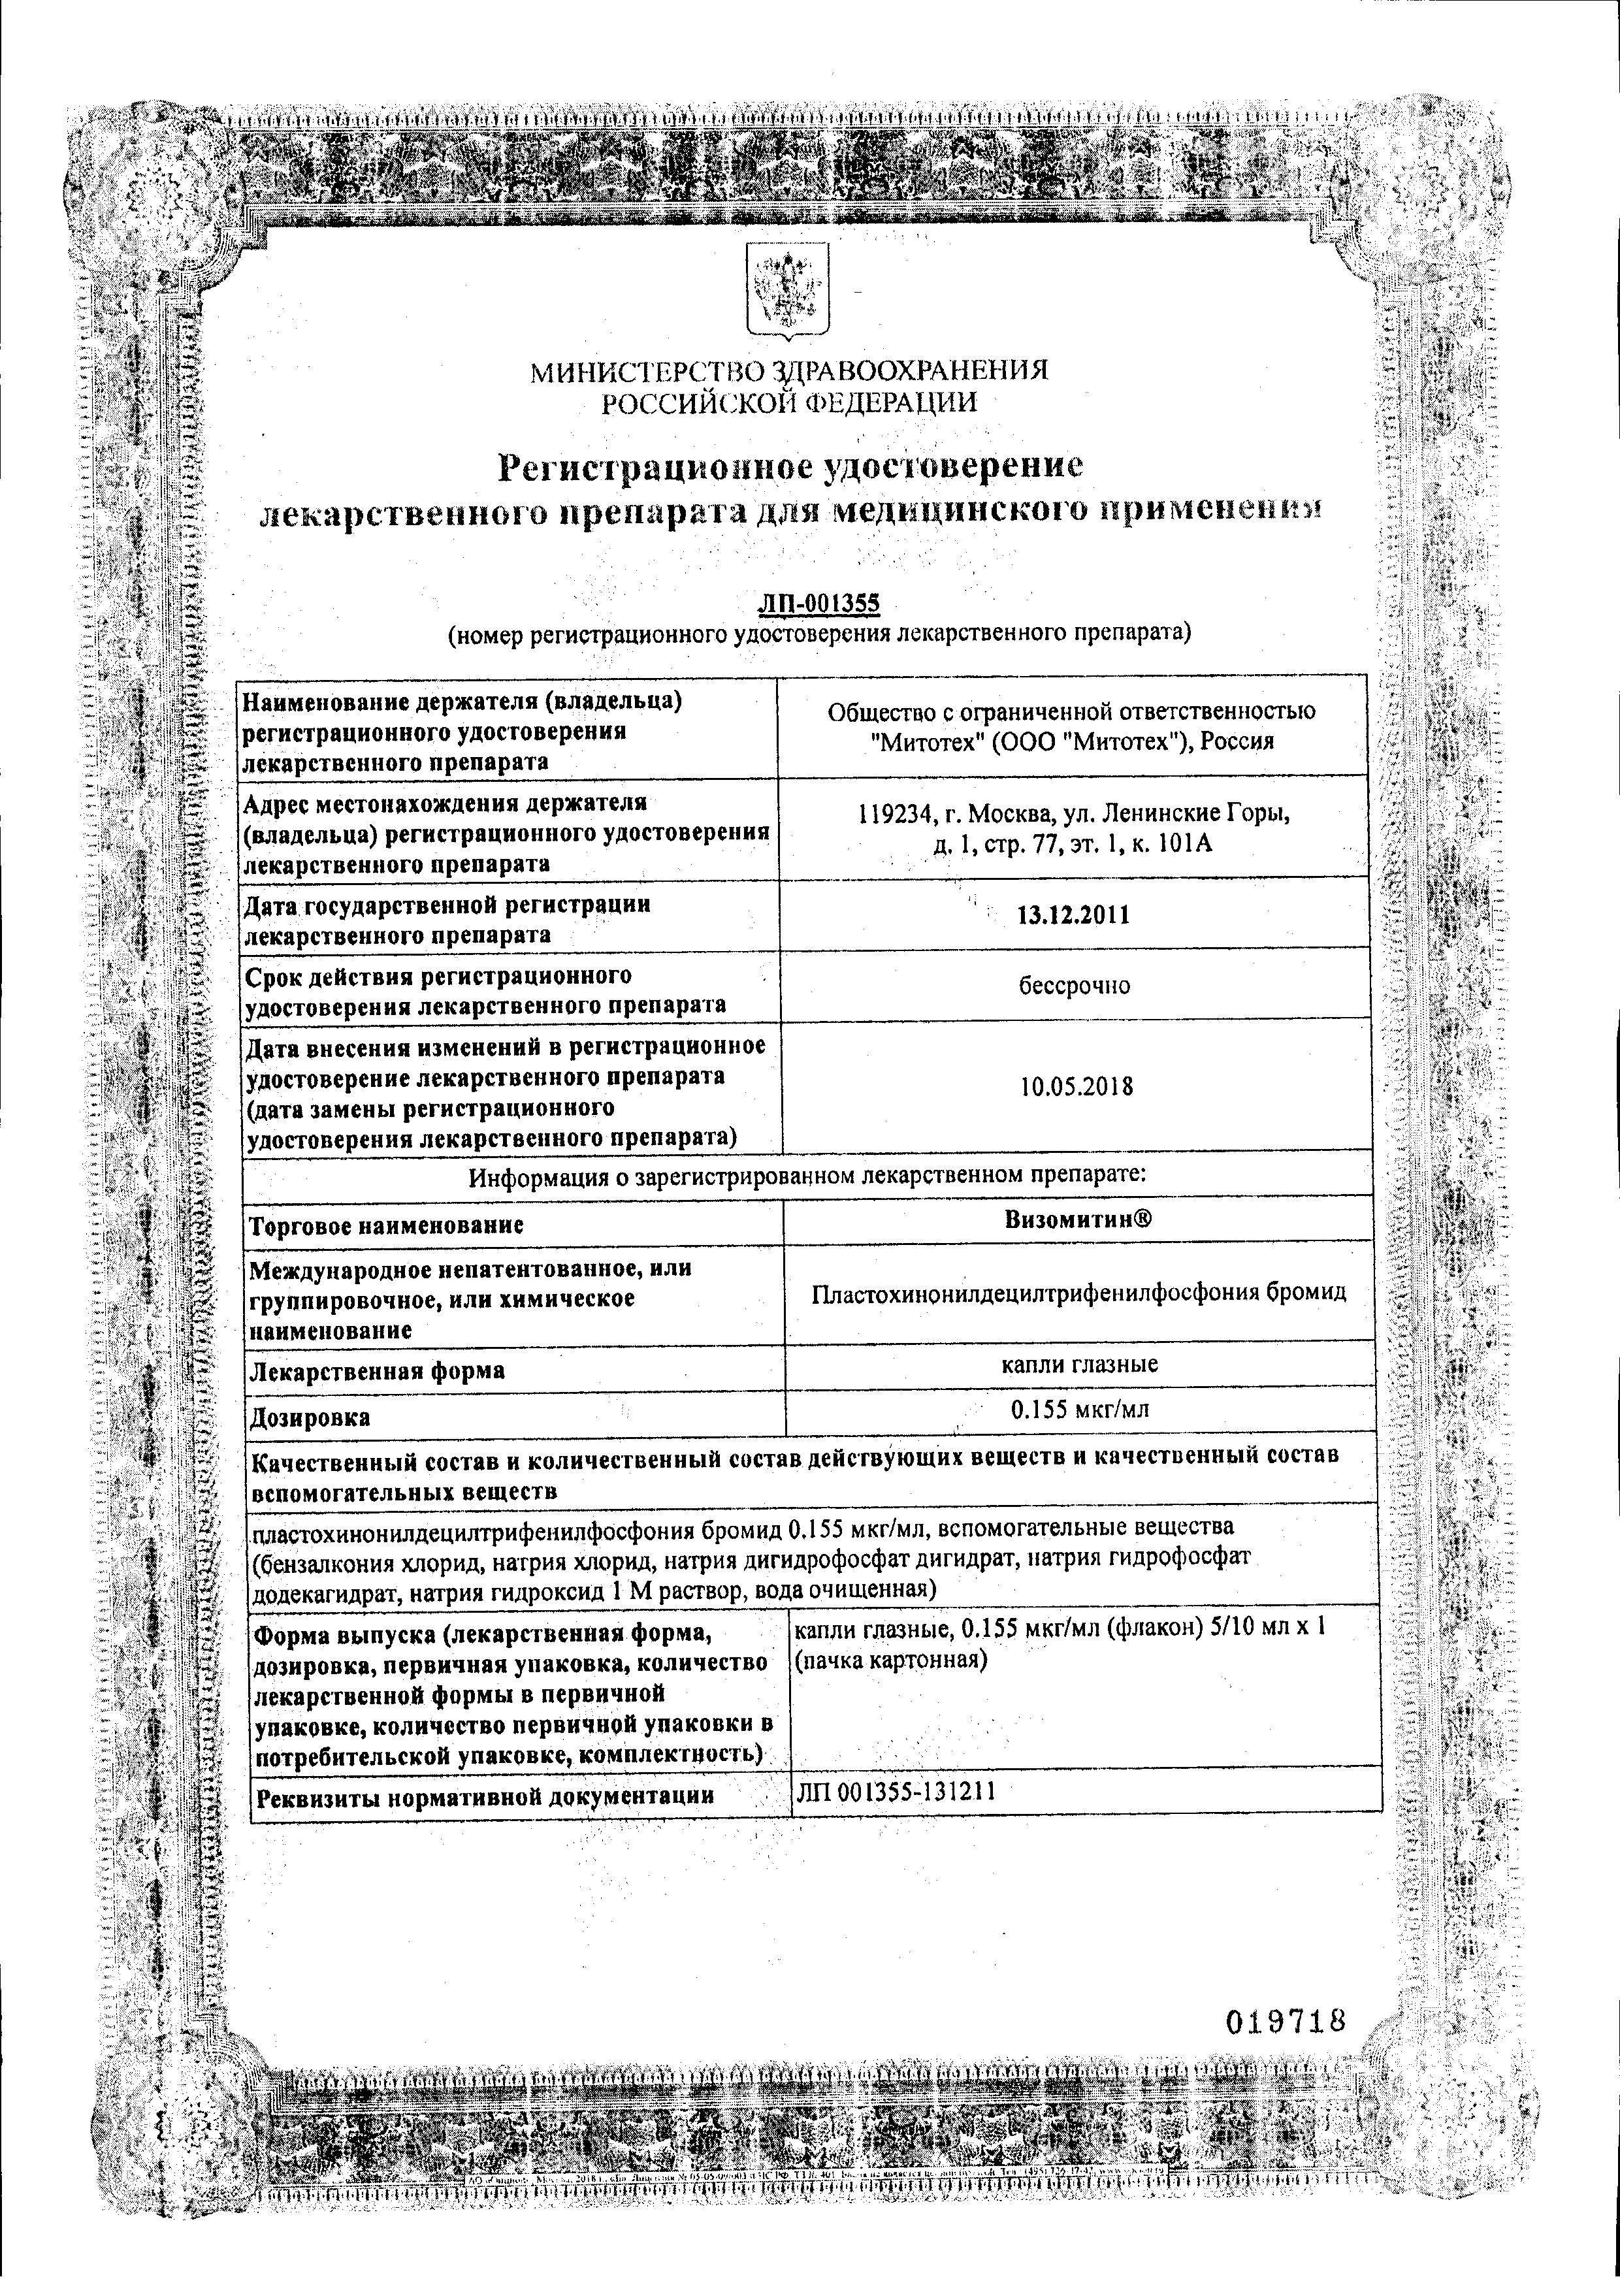 Визомитин сертификат